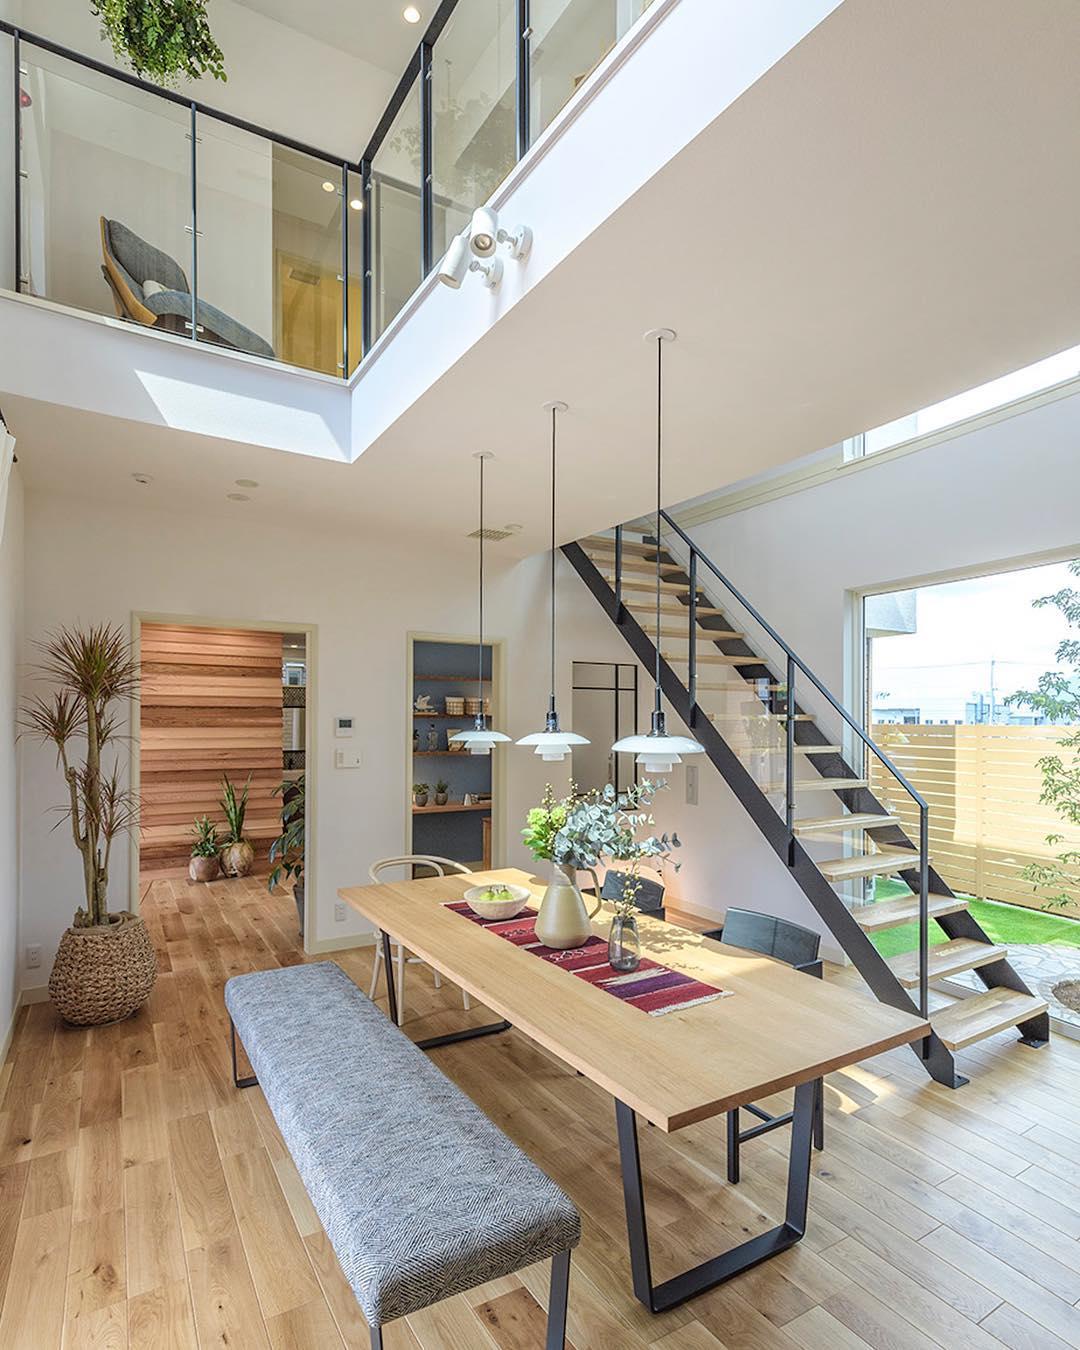 Desain Interior Rumah Minimalis Dengan Sentuhan Gaya Jepang - Inspirasi  Desain Rumah Terkini